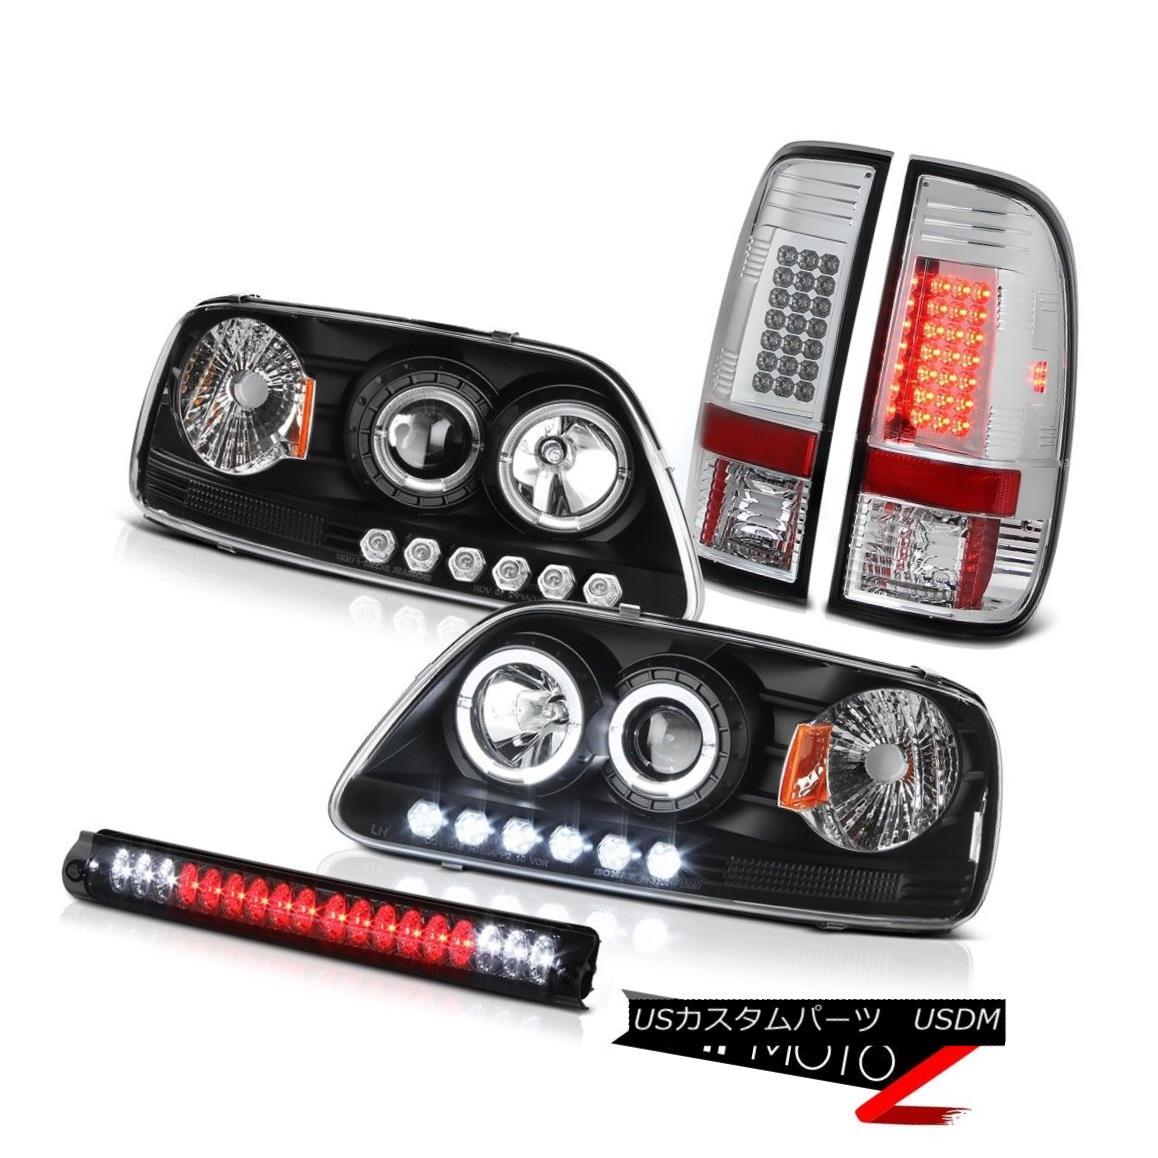 テールライト 1999 2000 2001 F150 SVT Halo LED SMD Headlights Brake Taillights High Stop Light 1999 2000 2001 F150 SVT Halo LED SMDヘッドライトブレーキテールライトハイストップライト